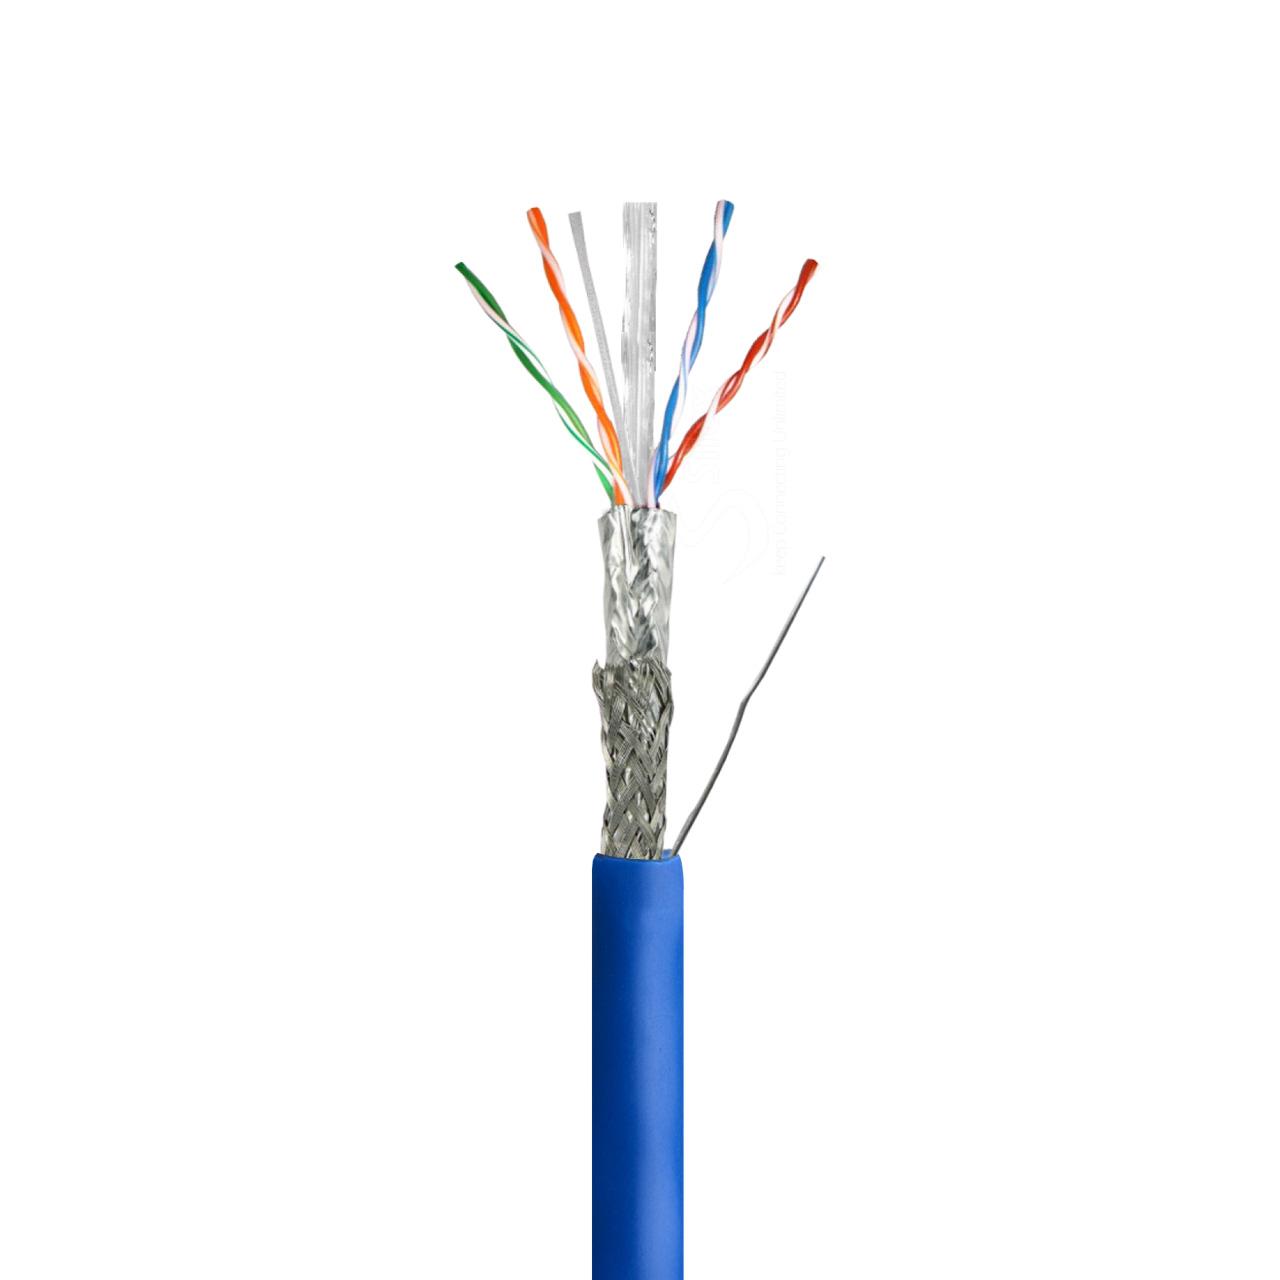 کابل شبکه  CAT6 SF/UTP LSZH کی نت پلاس مدل KP-N1257 طول ۳۰۵ متر